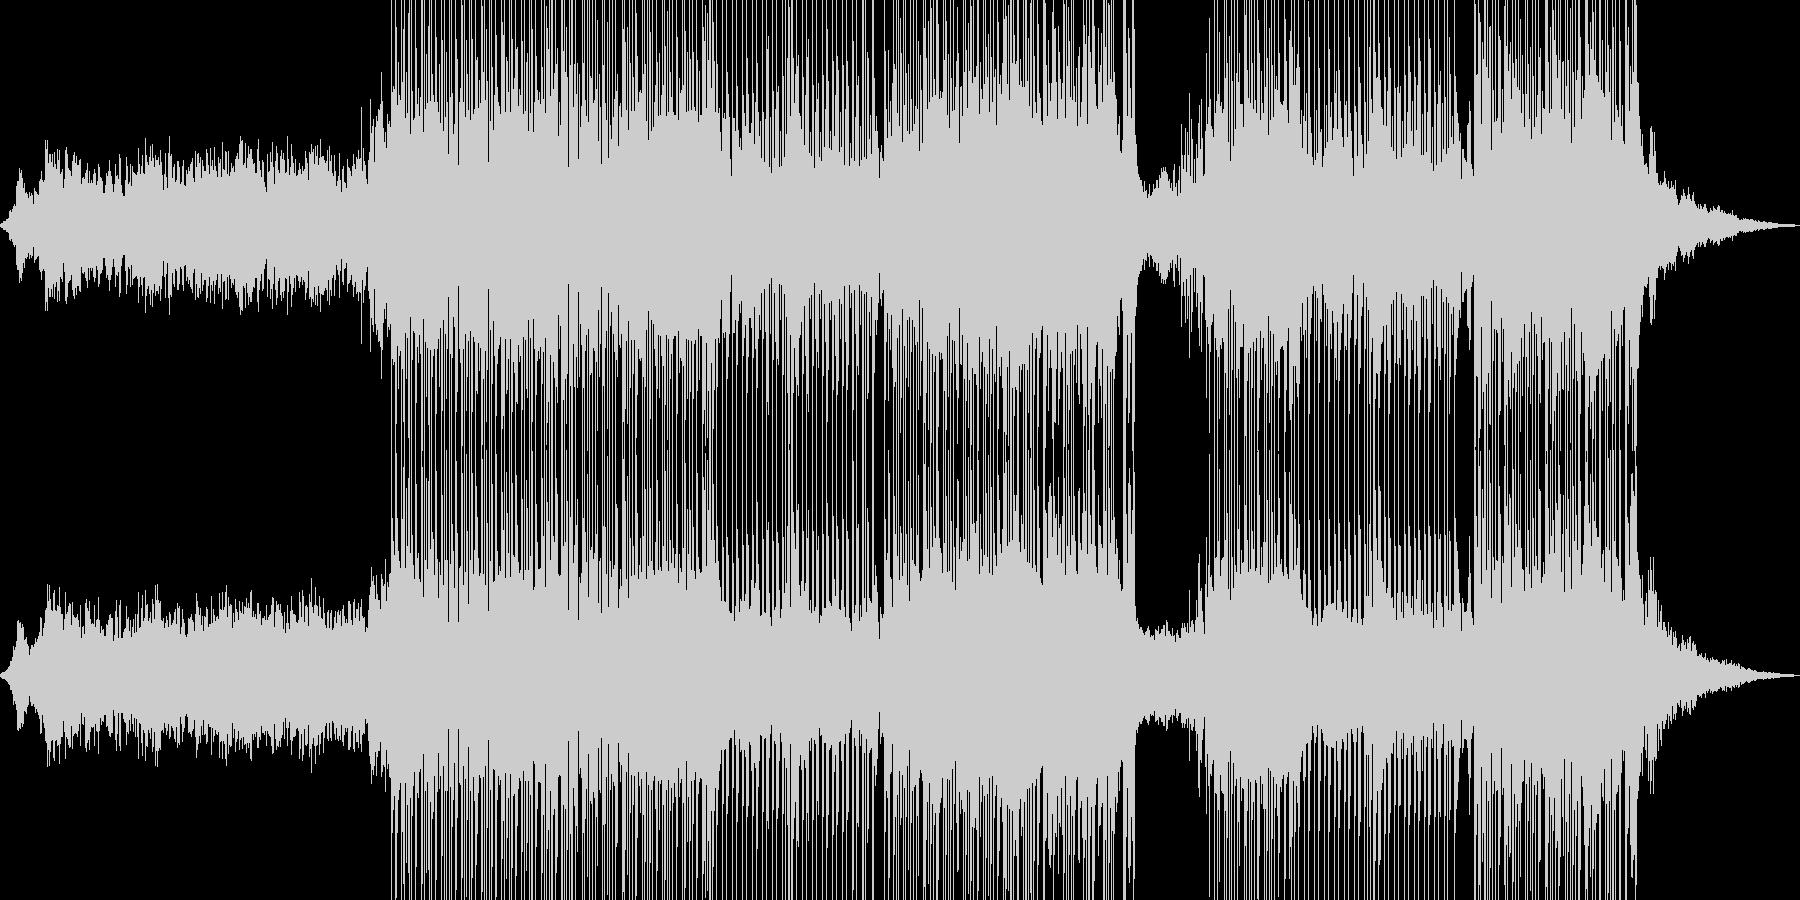 琴・レトロな演歌調ポップ+ ★の未再生の波形